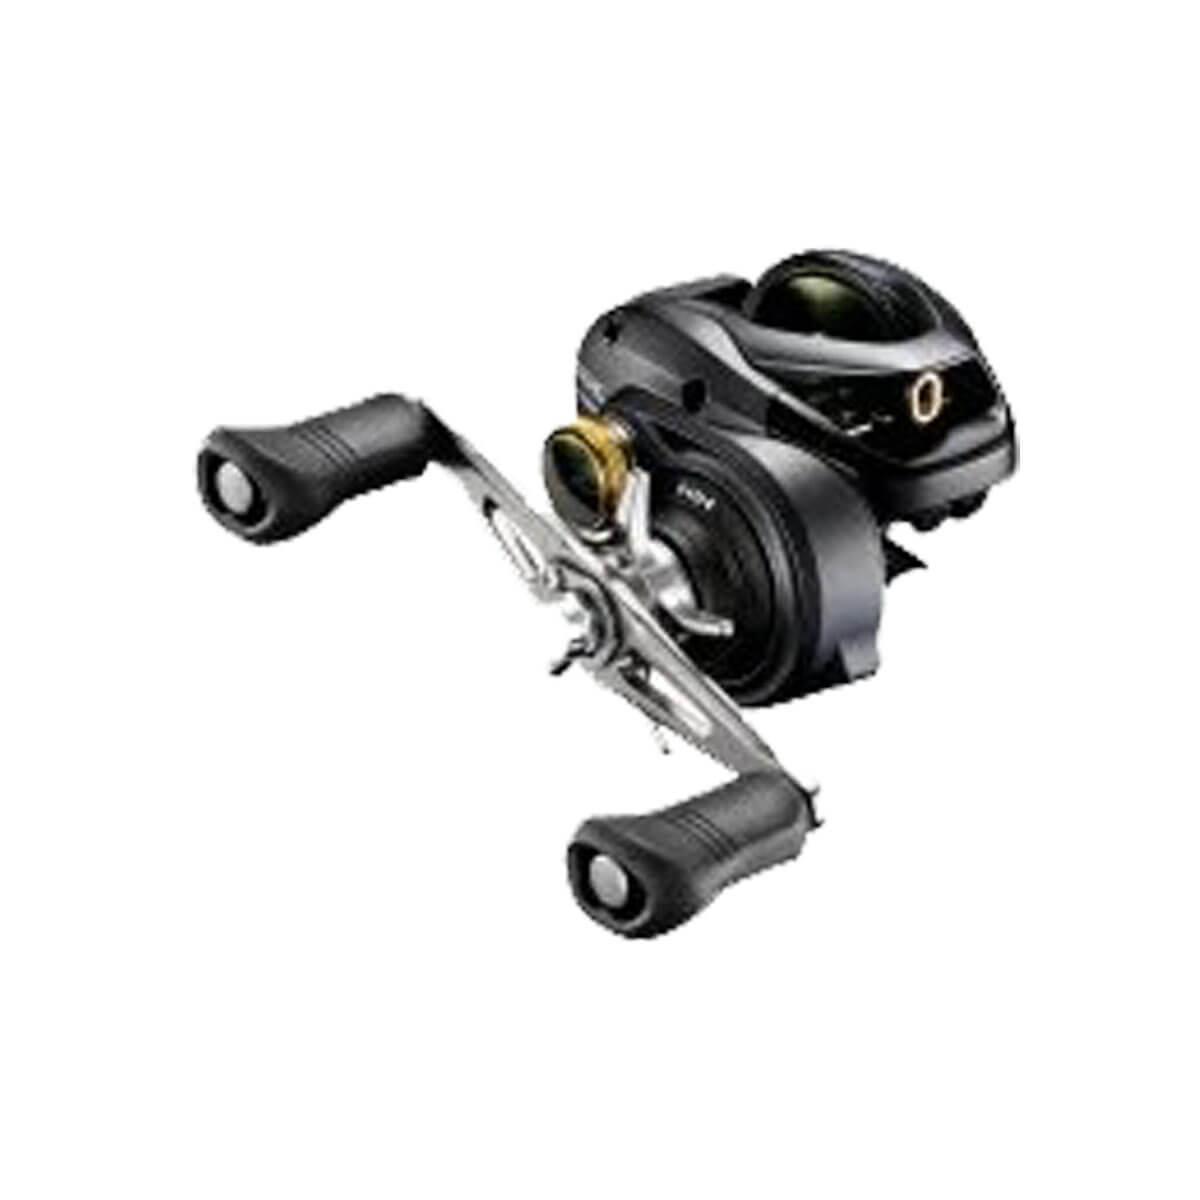 Carretilha Shimano Curado K 300 Hg (Direita)  - Pró Pesca Shop